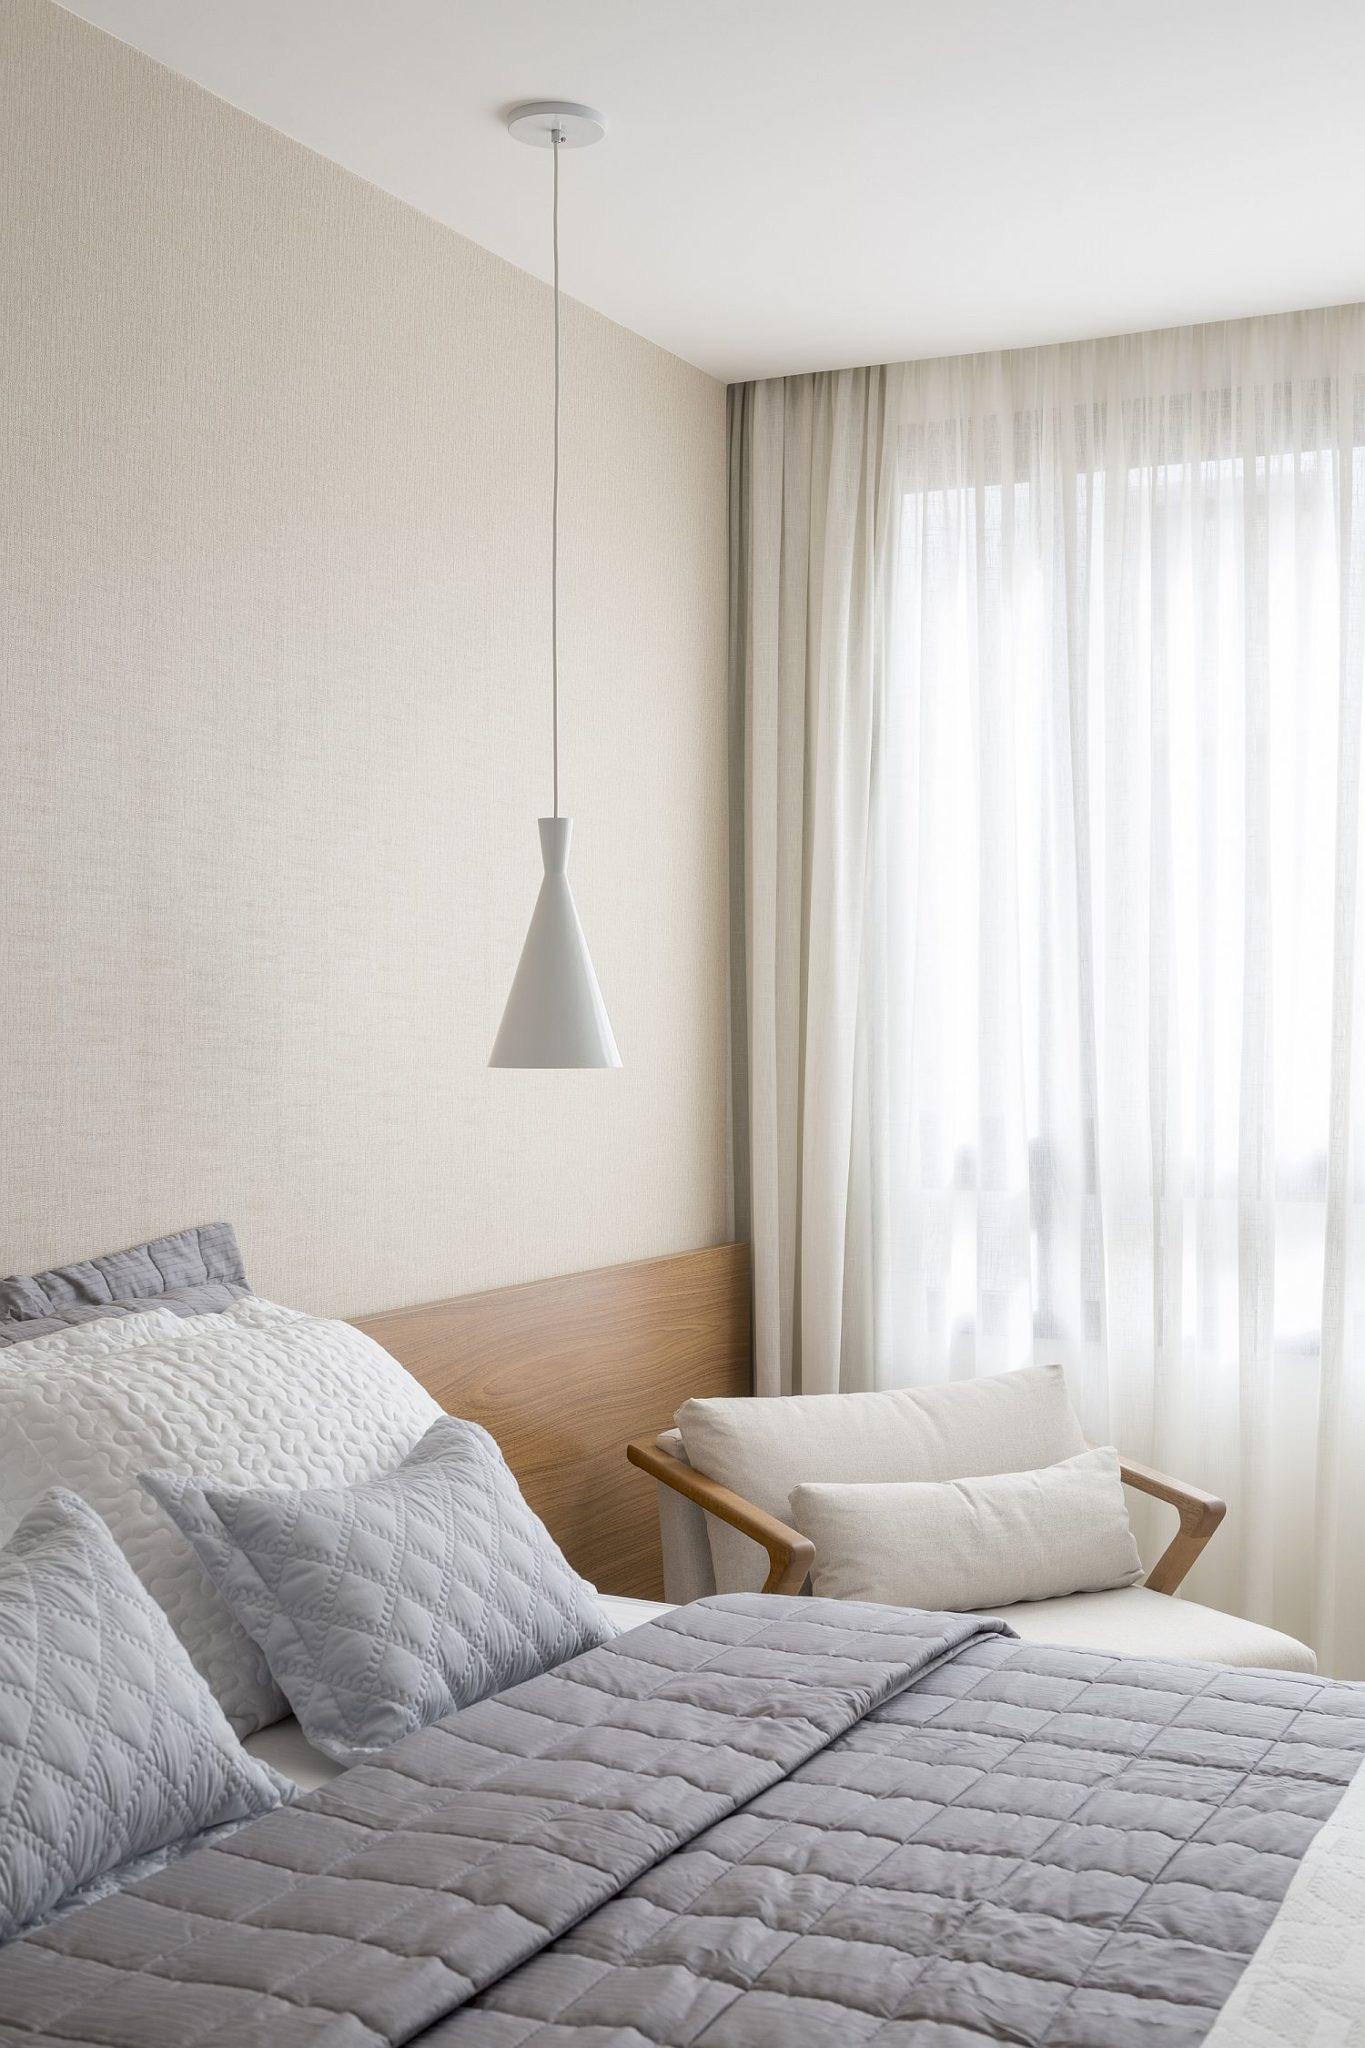 Căn hộ có thiết kế siêu yêu với tủ đa năng hoạt động như tủ quần áo, nơi ăn uống và nhiều thứ khác nữa… - Ảnh 10.